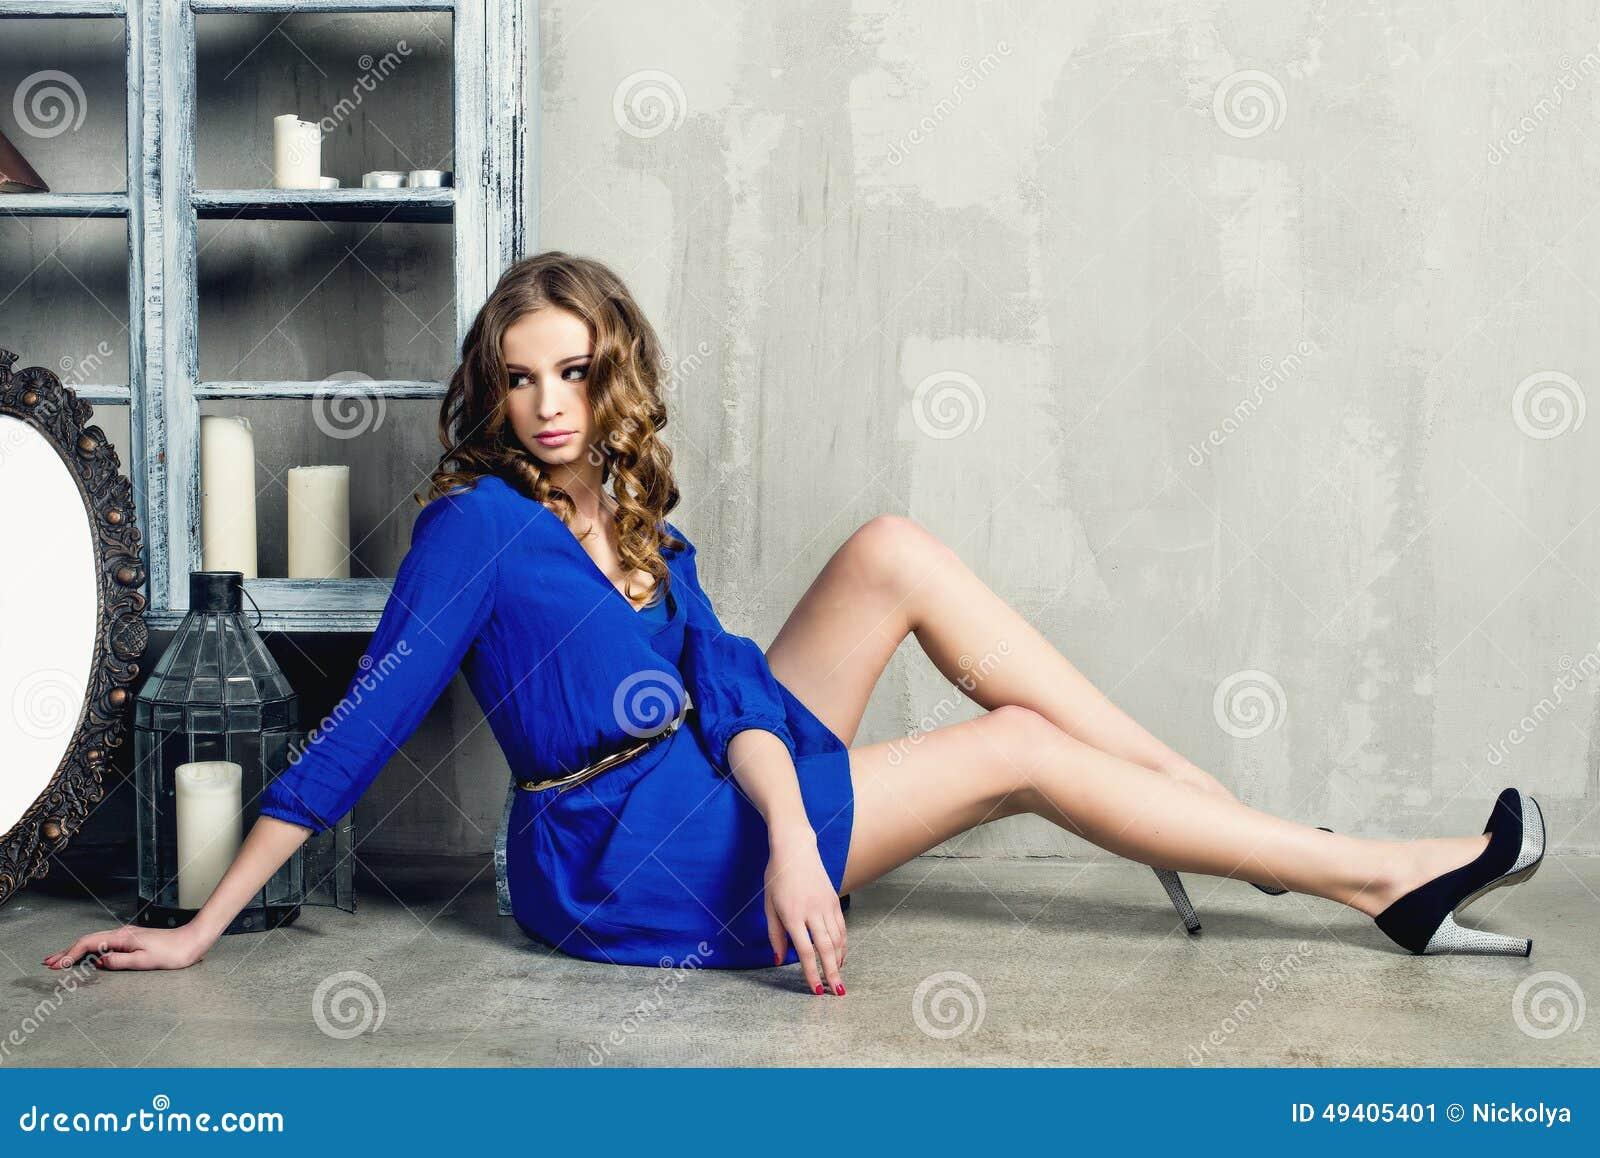 Download Schöne luxuriöse Frau stockbild. Bild von schmucksachen - 49405401